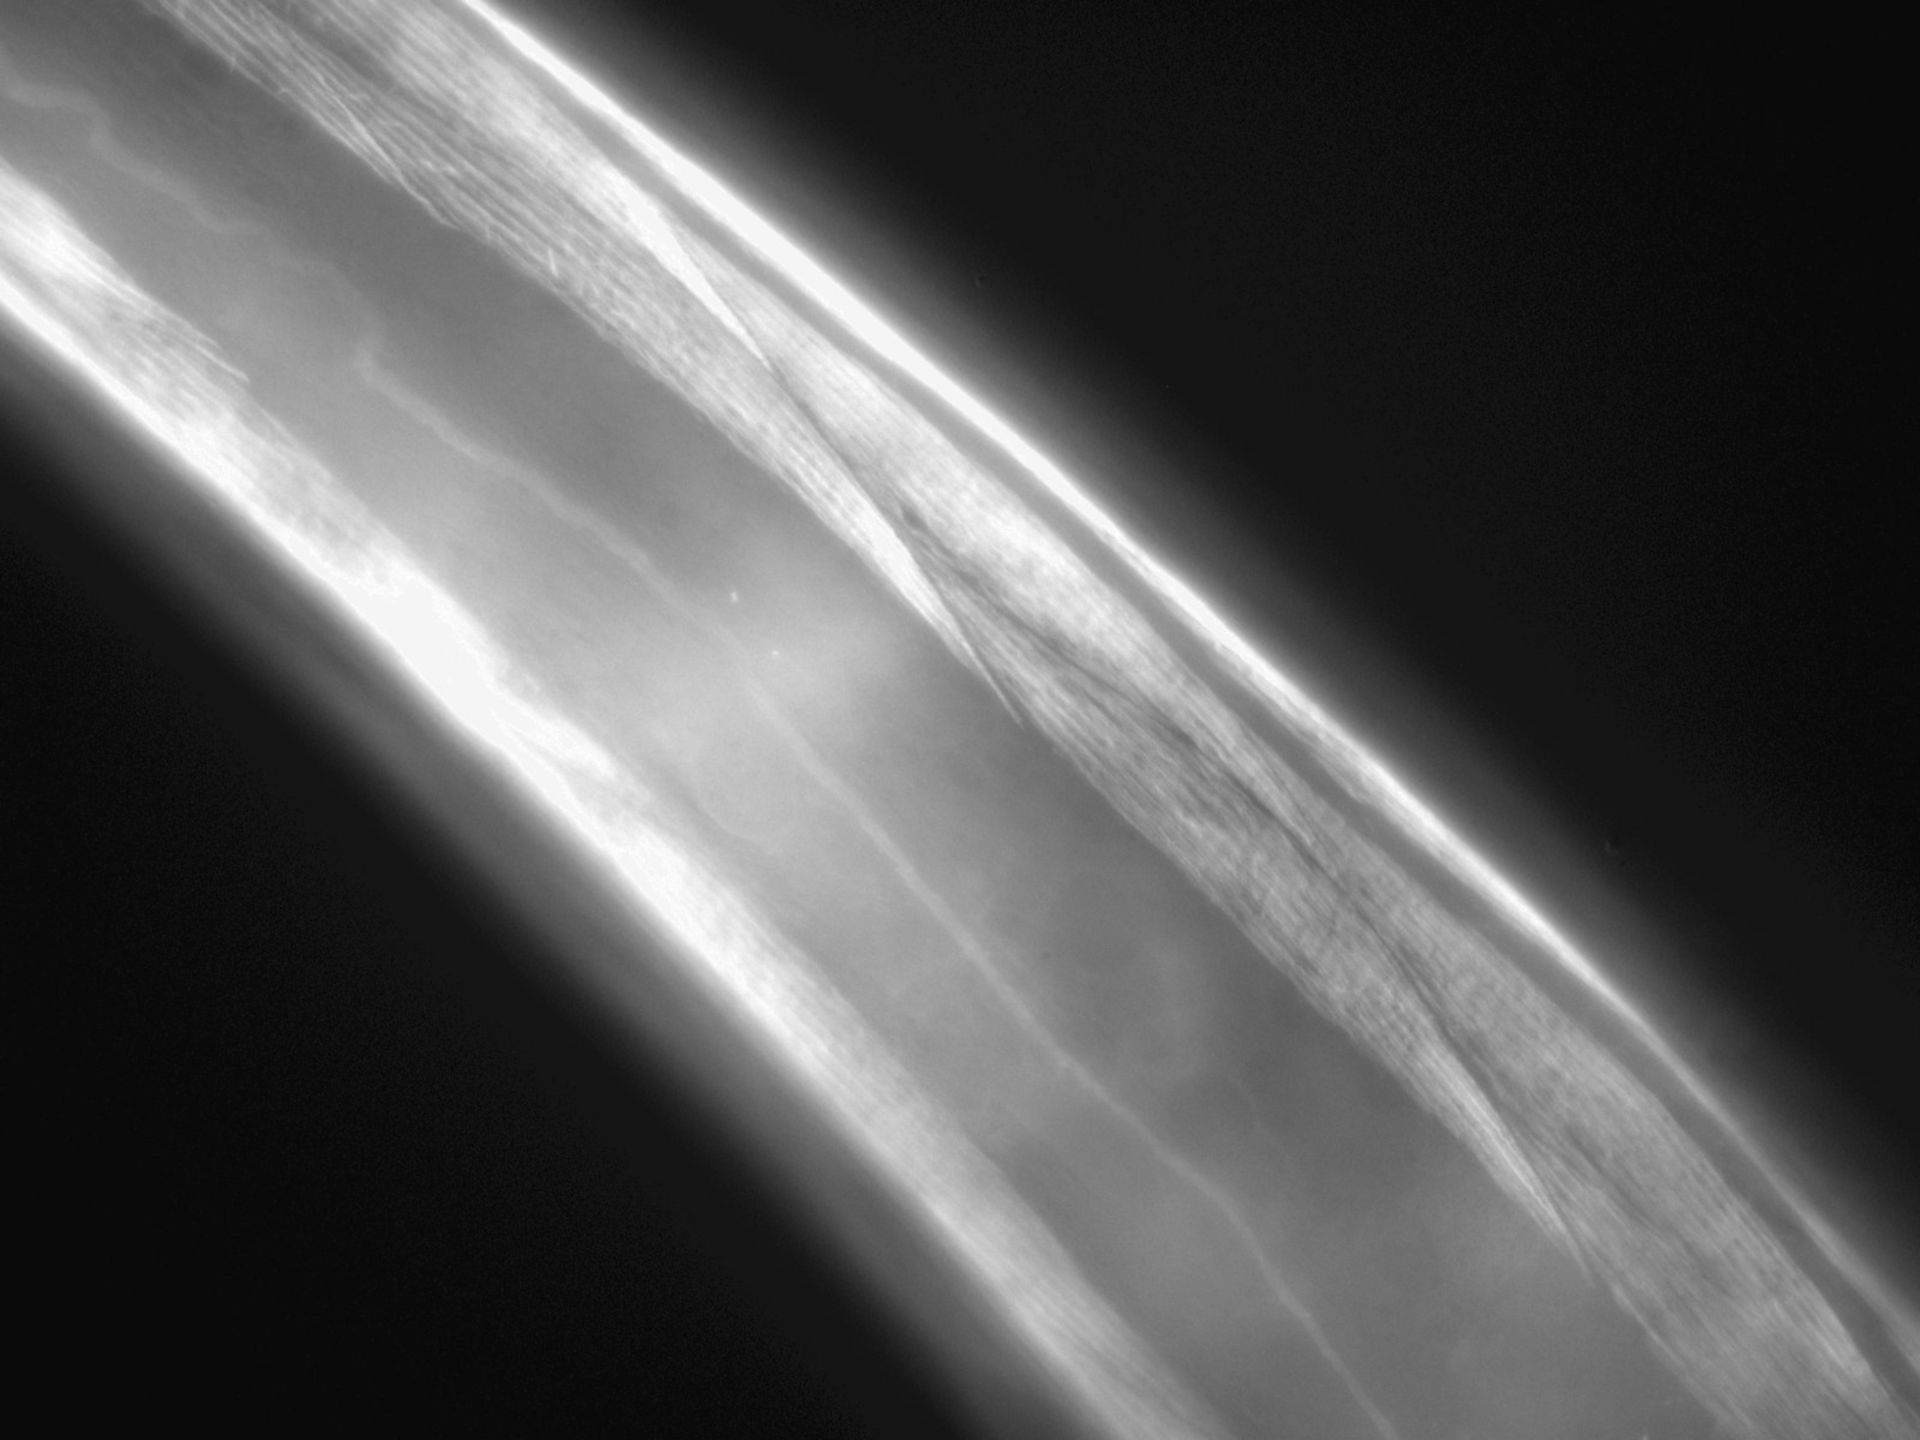 Caenorhabditis elegans (Actin filament) - CIL:1286